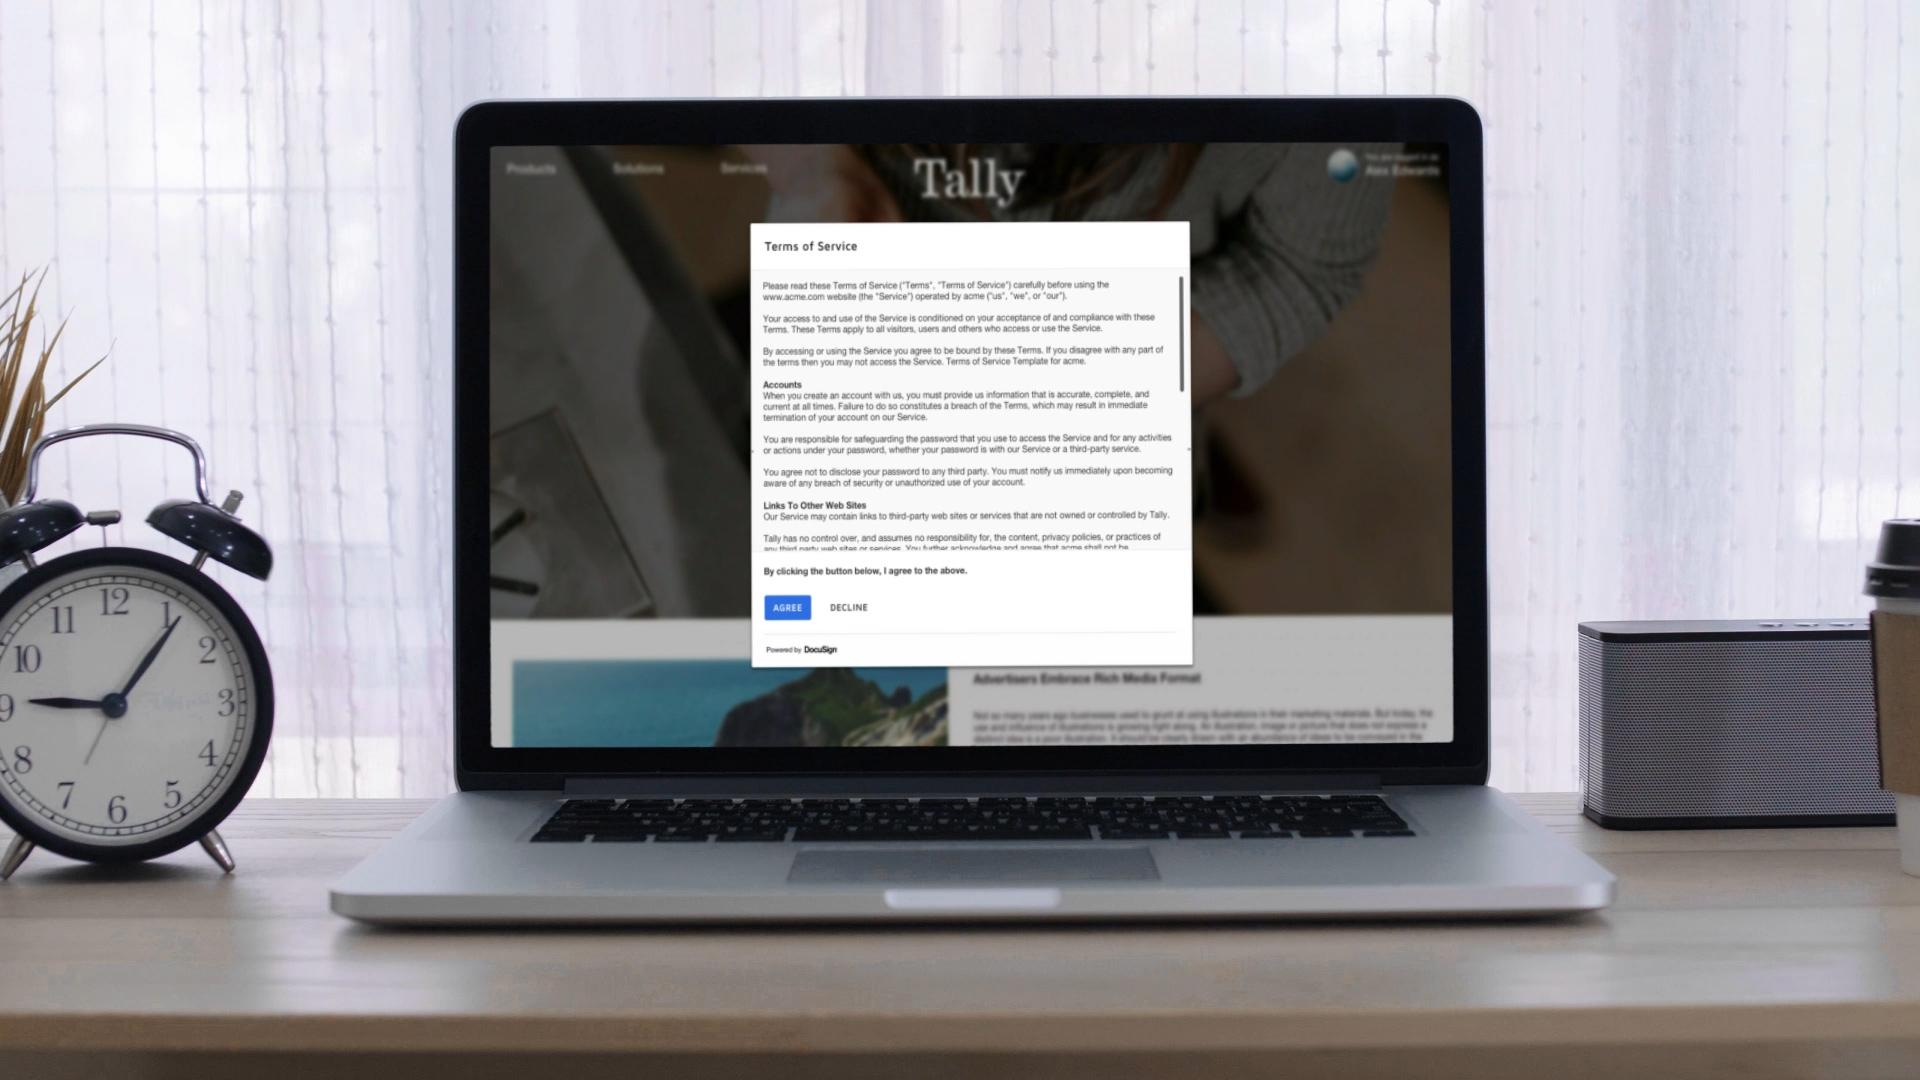 Un acuerdo de términos de servicio en una caja de luz dentro de un navegador web.